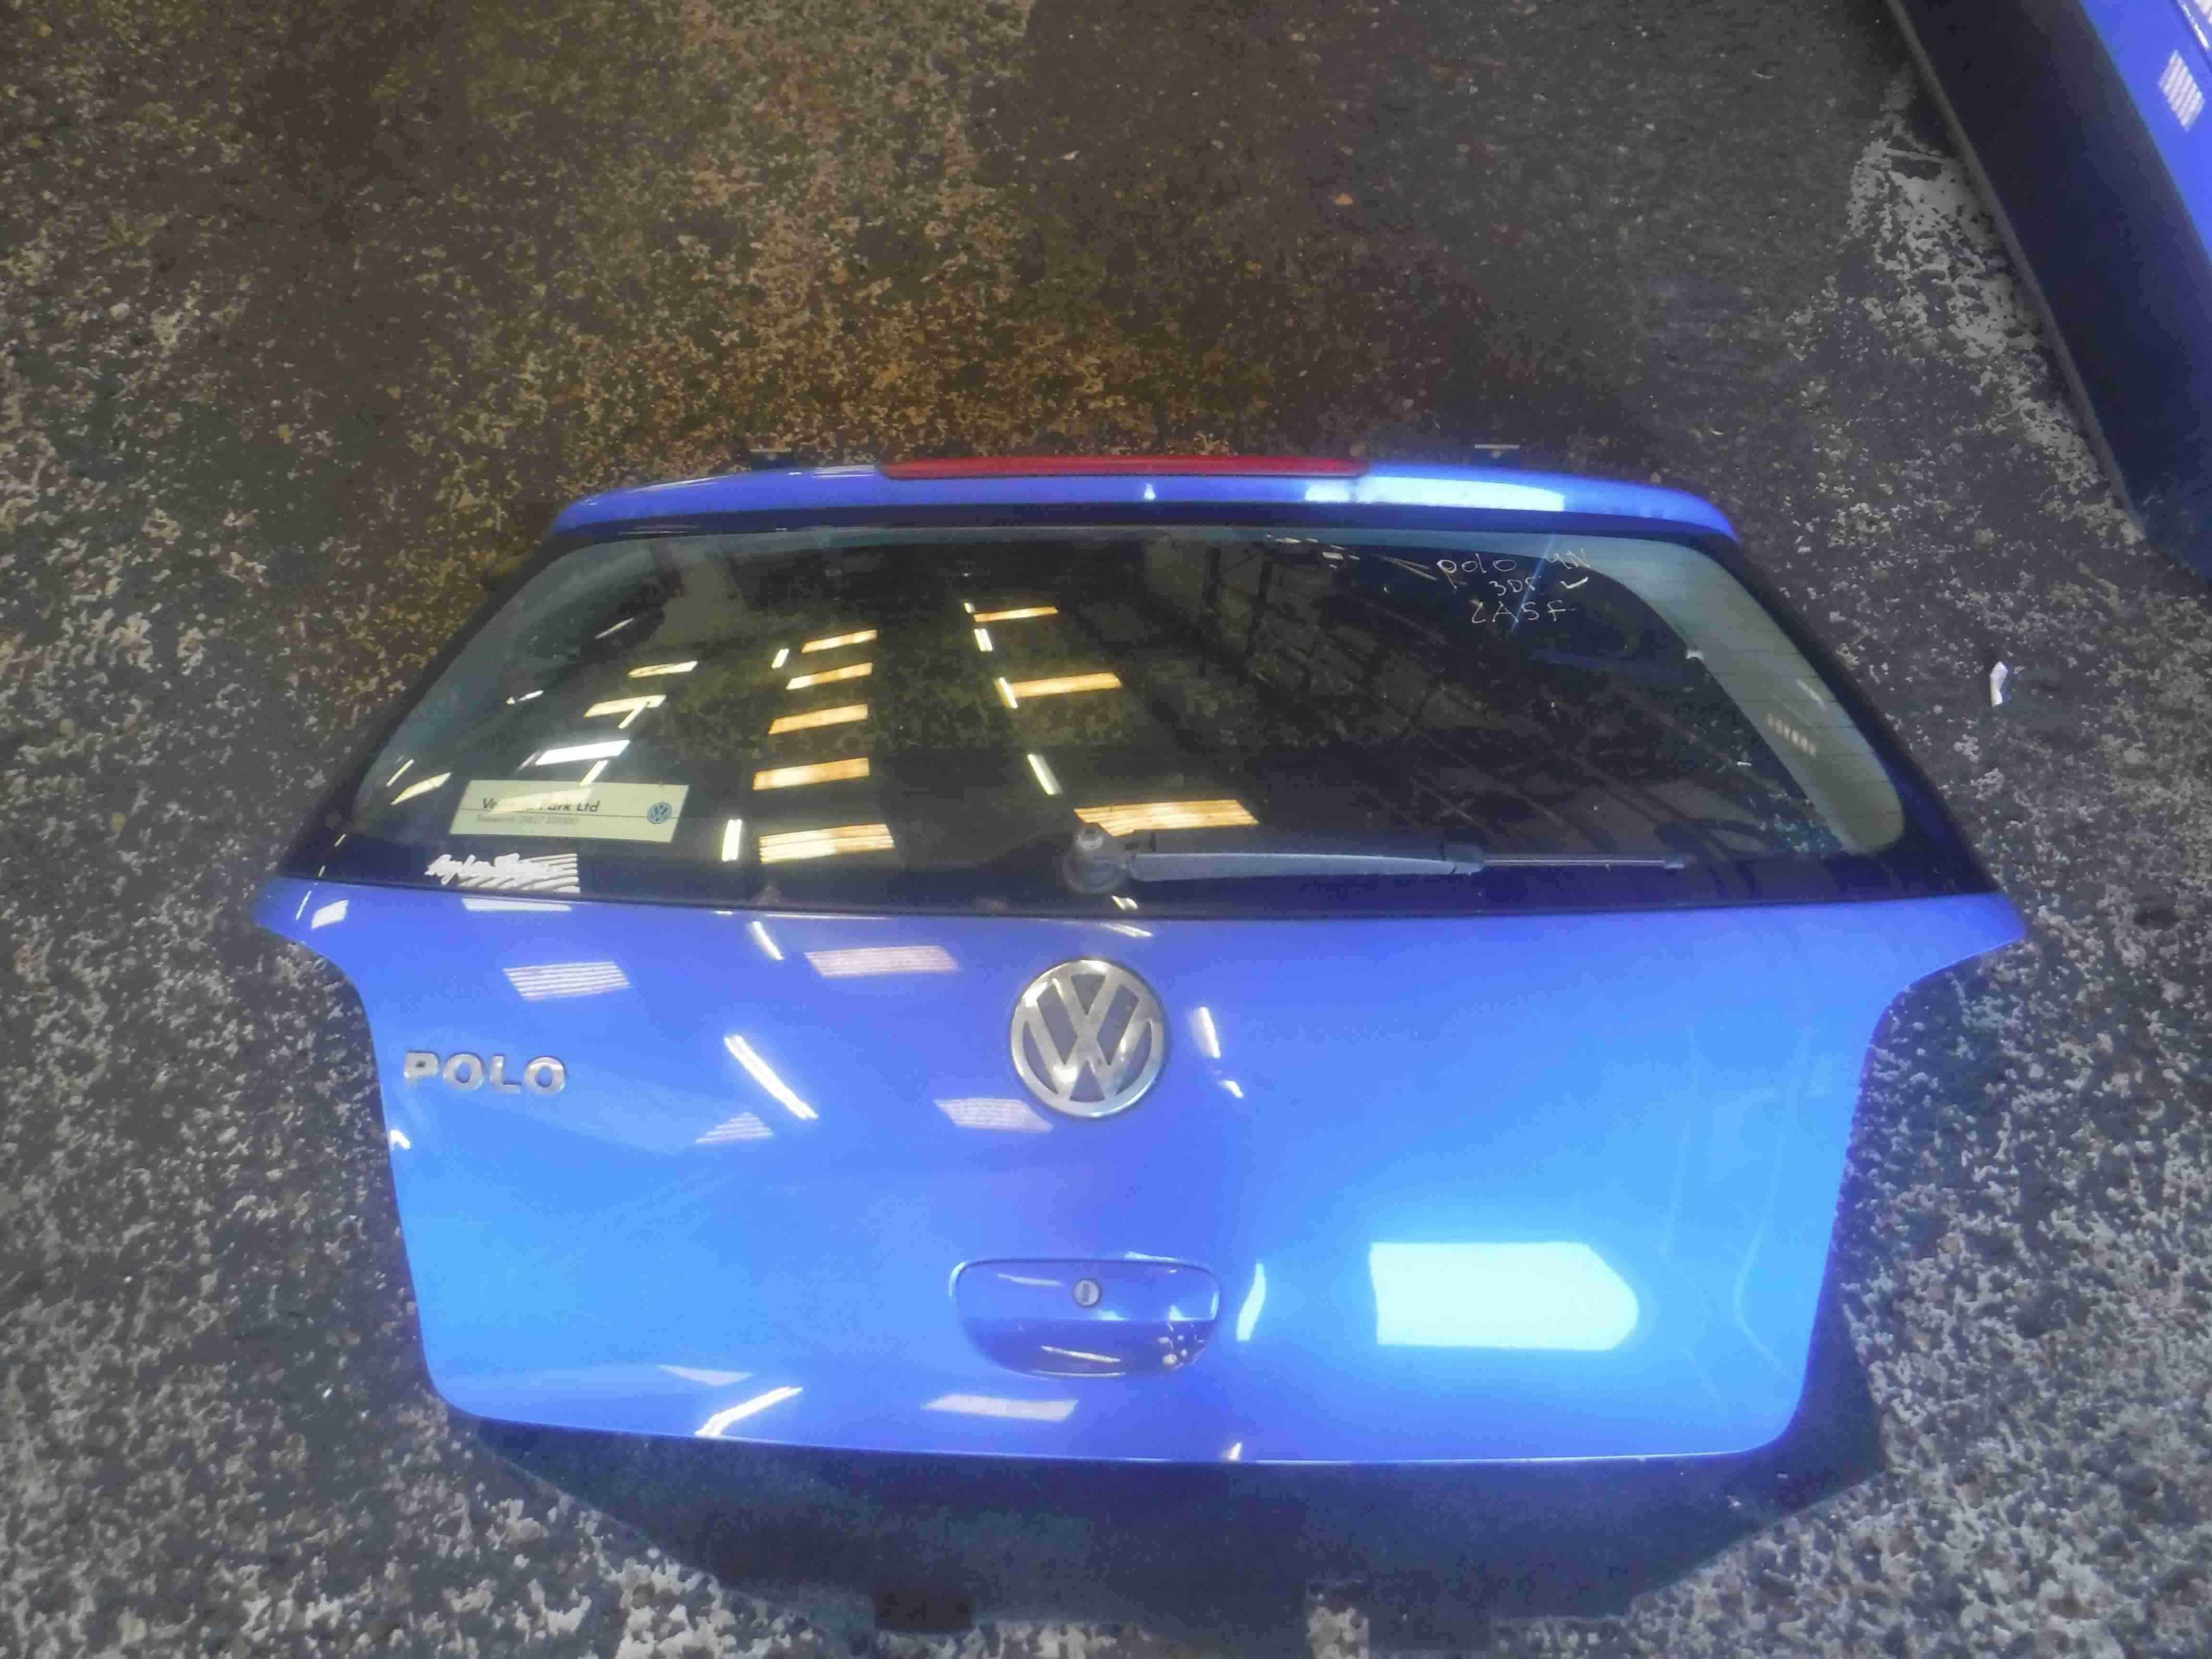 Volkswagen Polo 2003-2006 9N Rear Tailgate Boot Blue LA5F